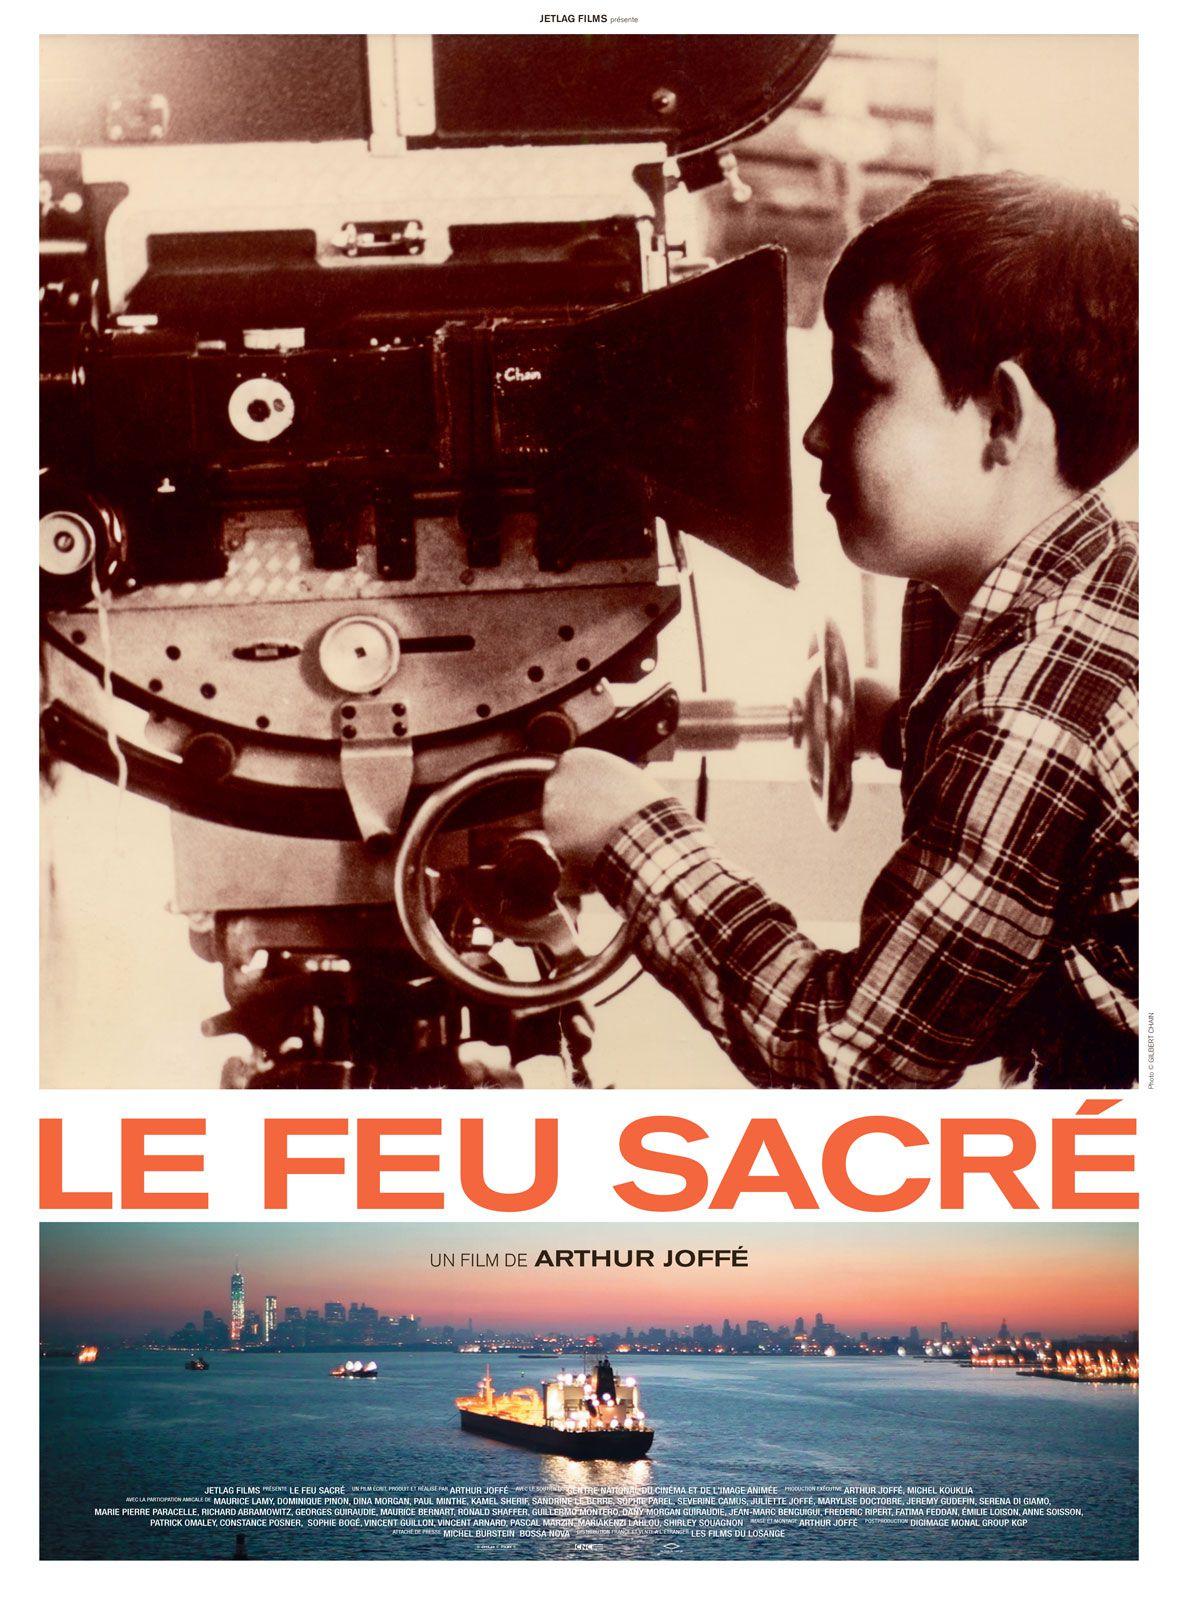 Le feu sacré - Documentaire (2015)